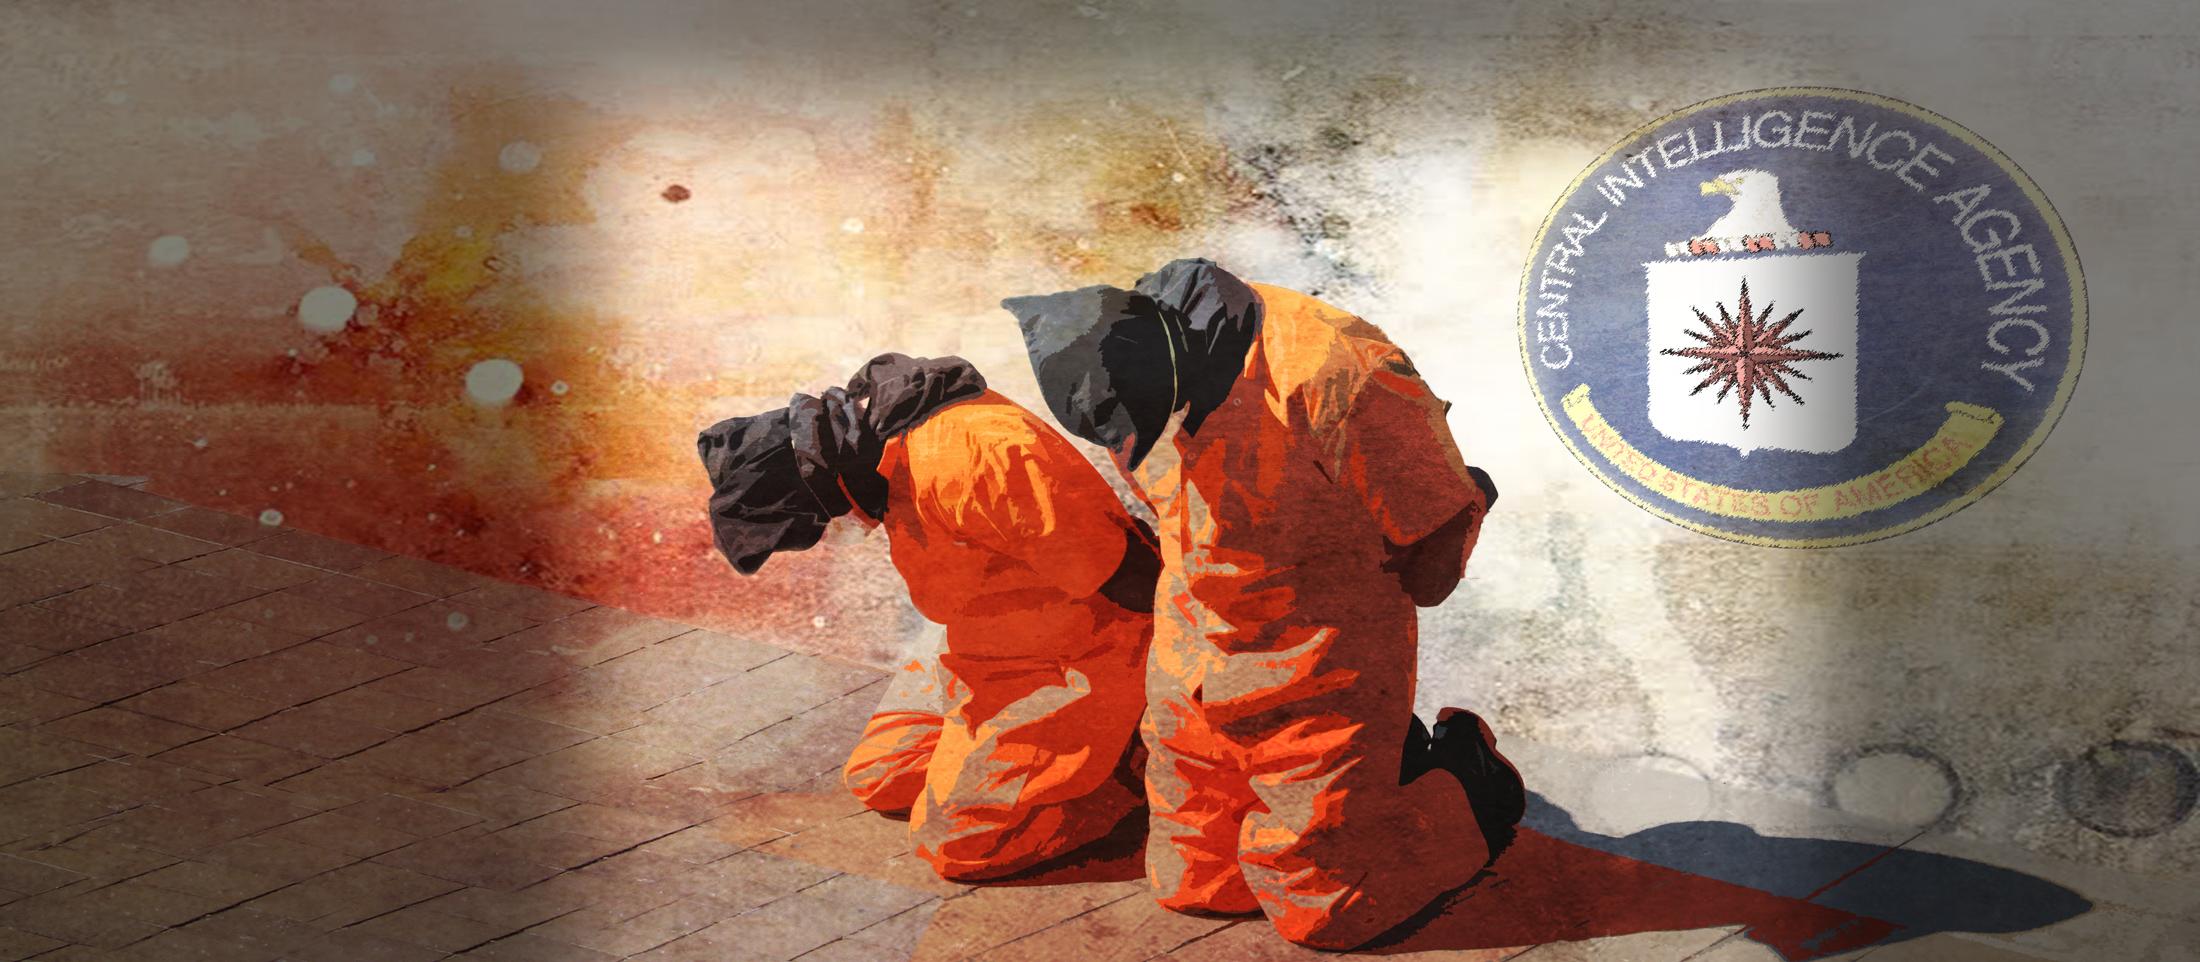 Trumps neue CIA-Chefin leitete ein geheimes Foltergefängnis in Thailand <br>  <span id='sec-title'>Eine Kriegsverbrecherin an die Spitze der Agency</span>